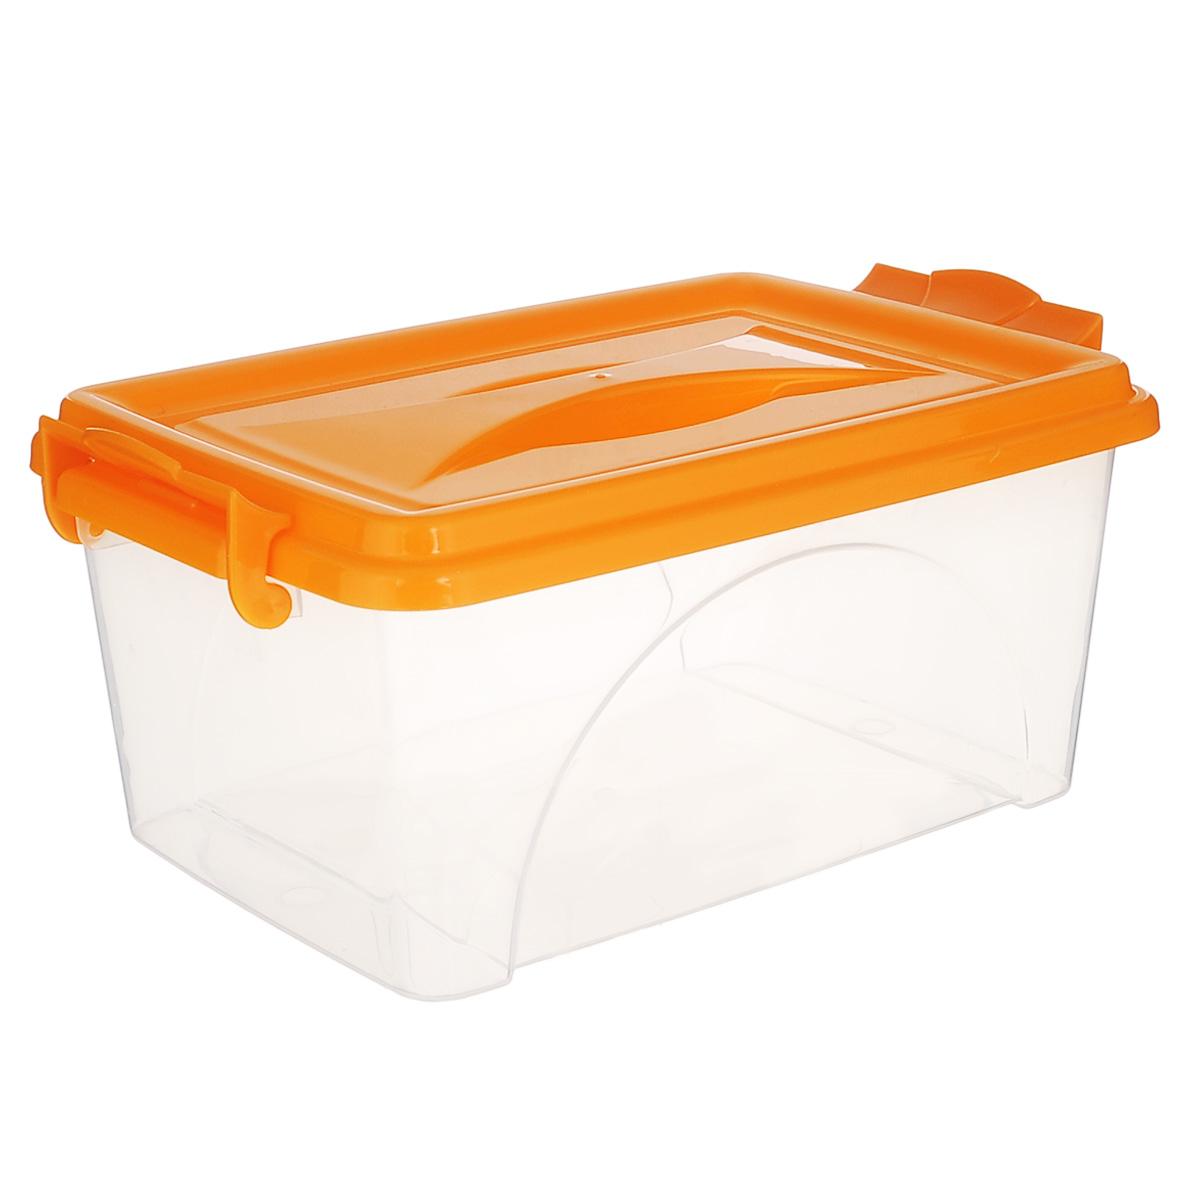 Контейнер Альтернатива, цвет: оранжевый, 30,5 х 20 х 13,5 смМ 2857Контейнер Альтернатива выполнен из прочного пластика. Он предназначен для хранения различных бытовых вещей и продуктов.Контейнер оснащен по бокам ручками, которые плотно закрывают крышку контейнера. Также на крышке имеется ручка для удобной переноски. Контейнер поможет хранить все в одном месте, он защитит вещи от пыли, грязи и влаги.